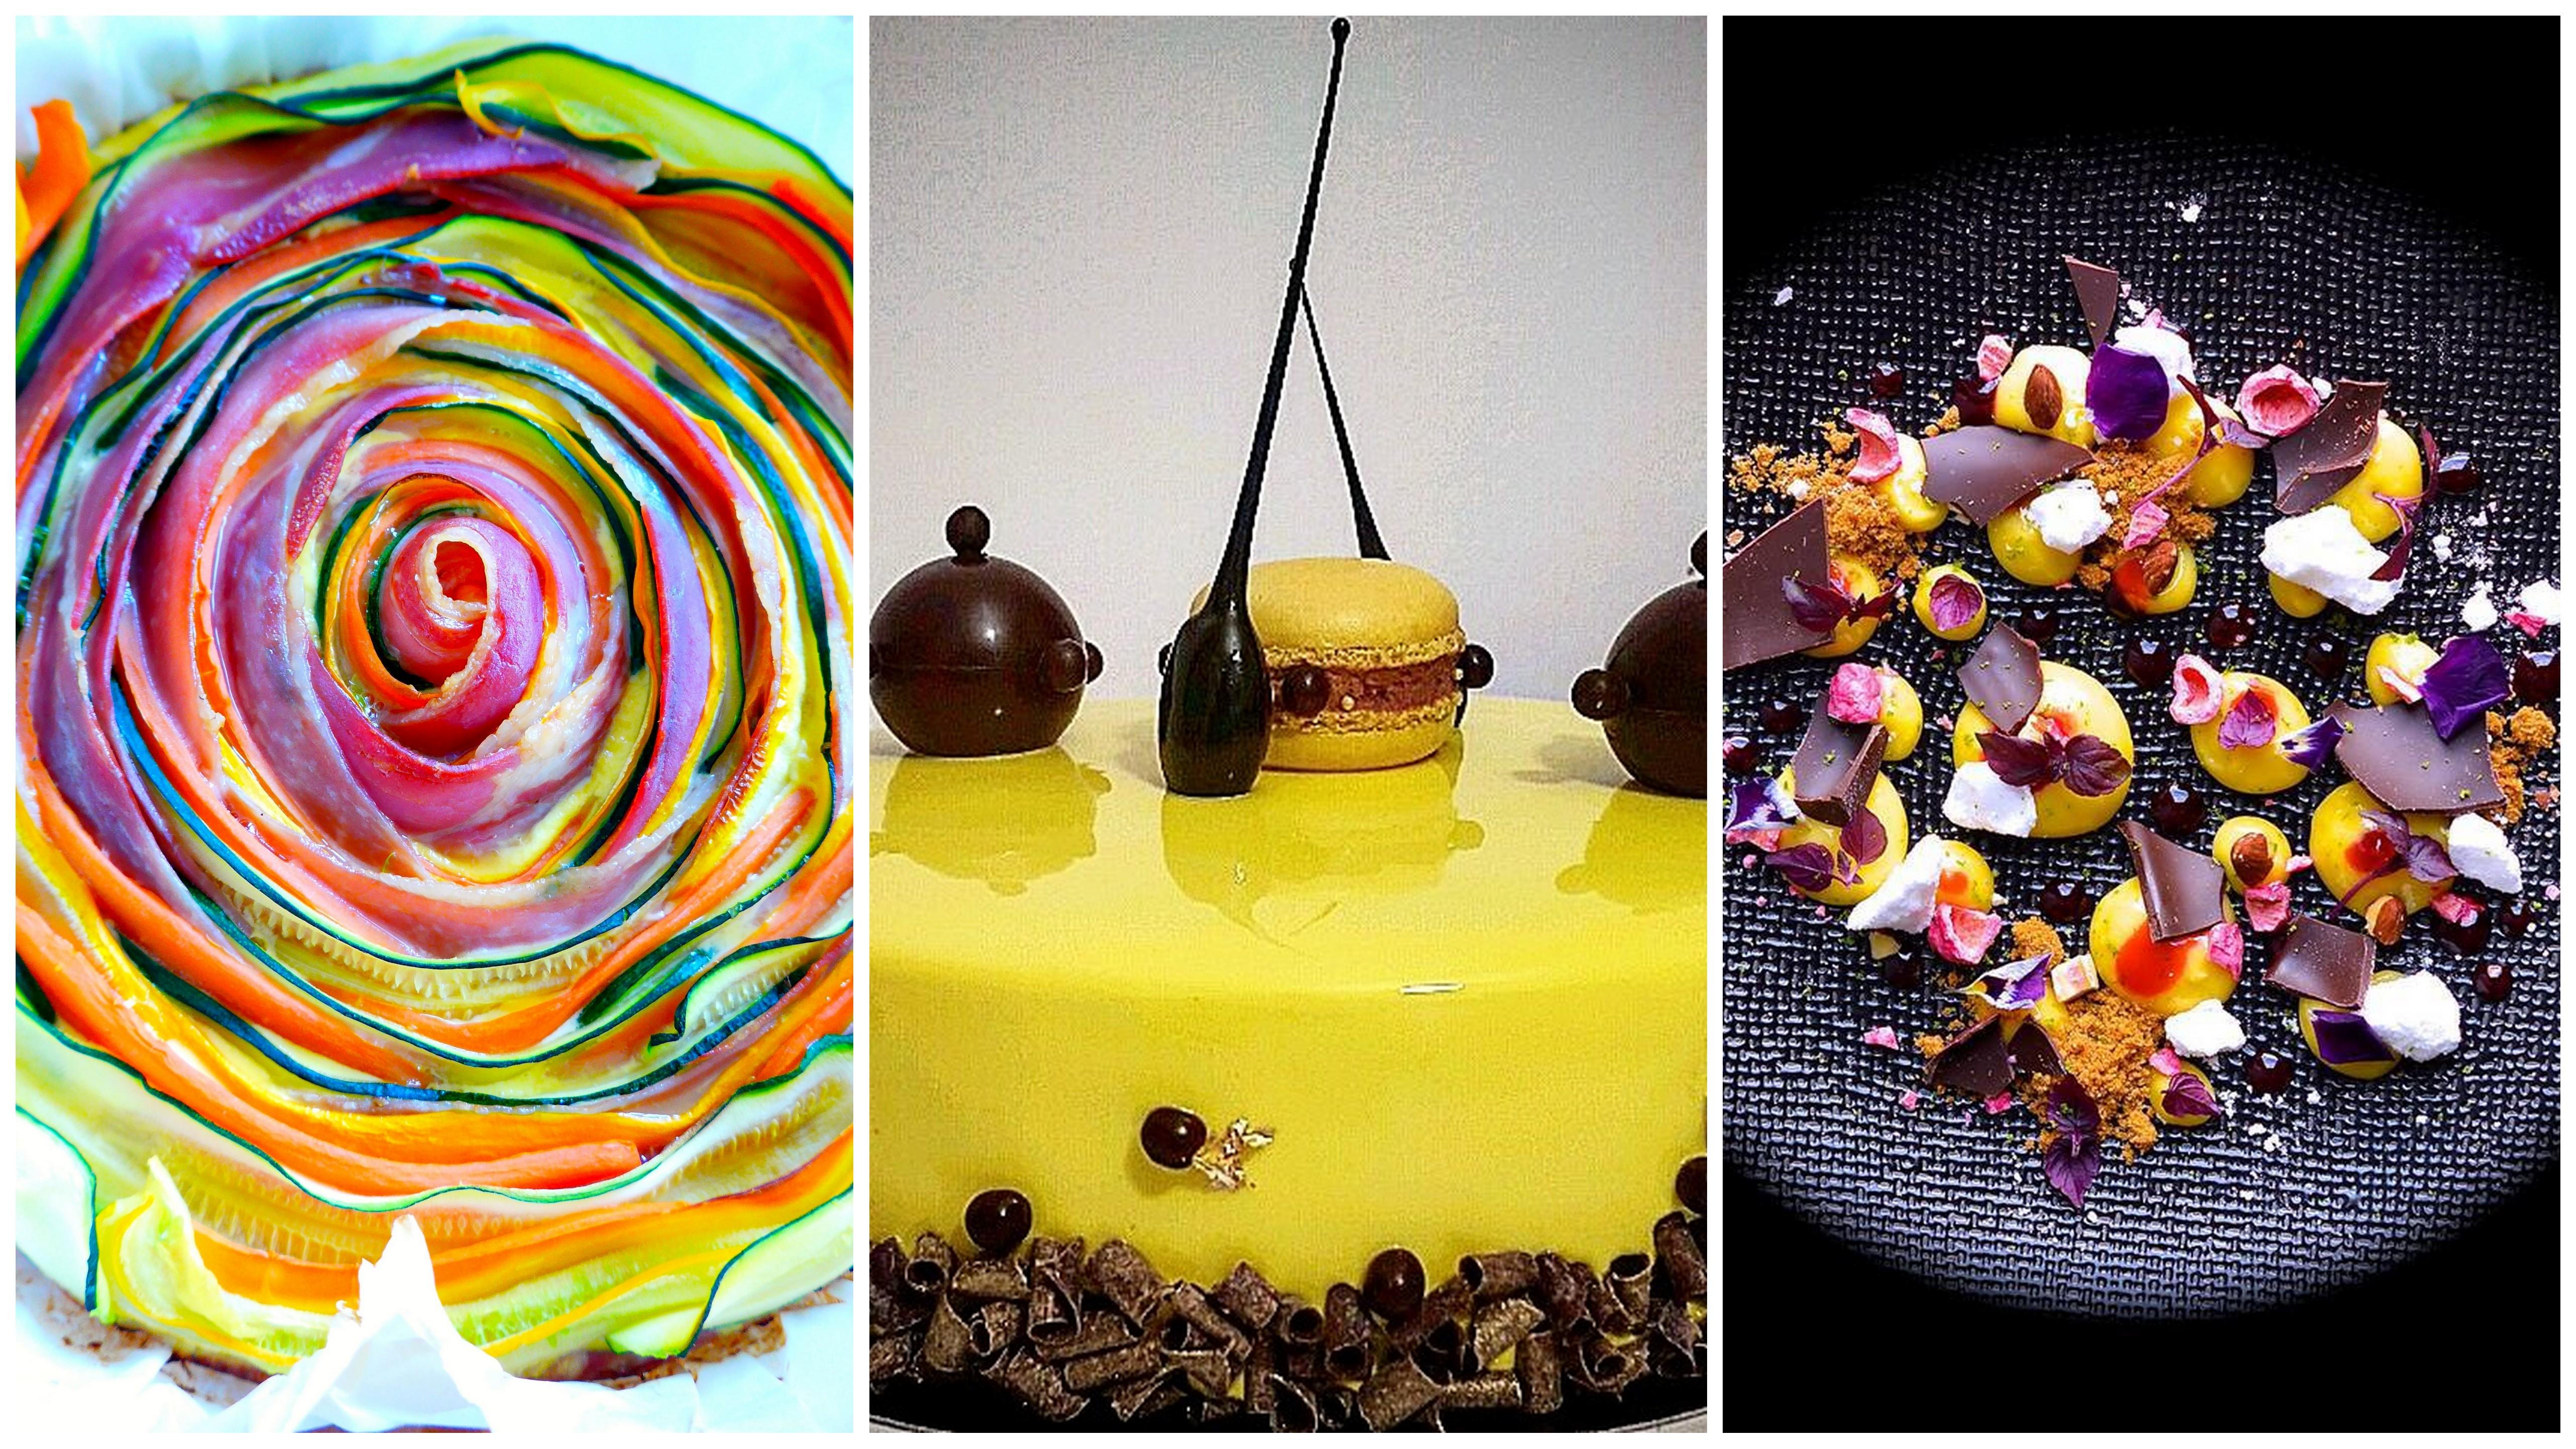 Résultat du concours photographie culinaire Salon Gastronoma